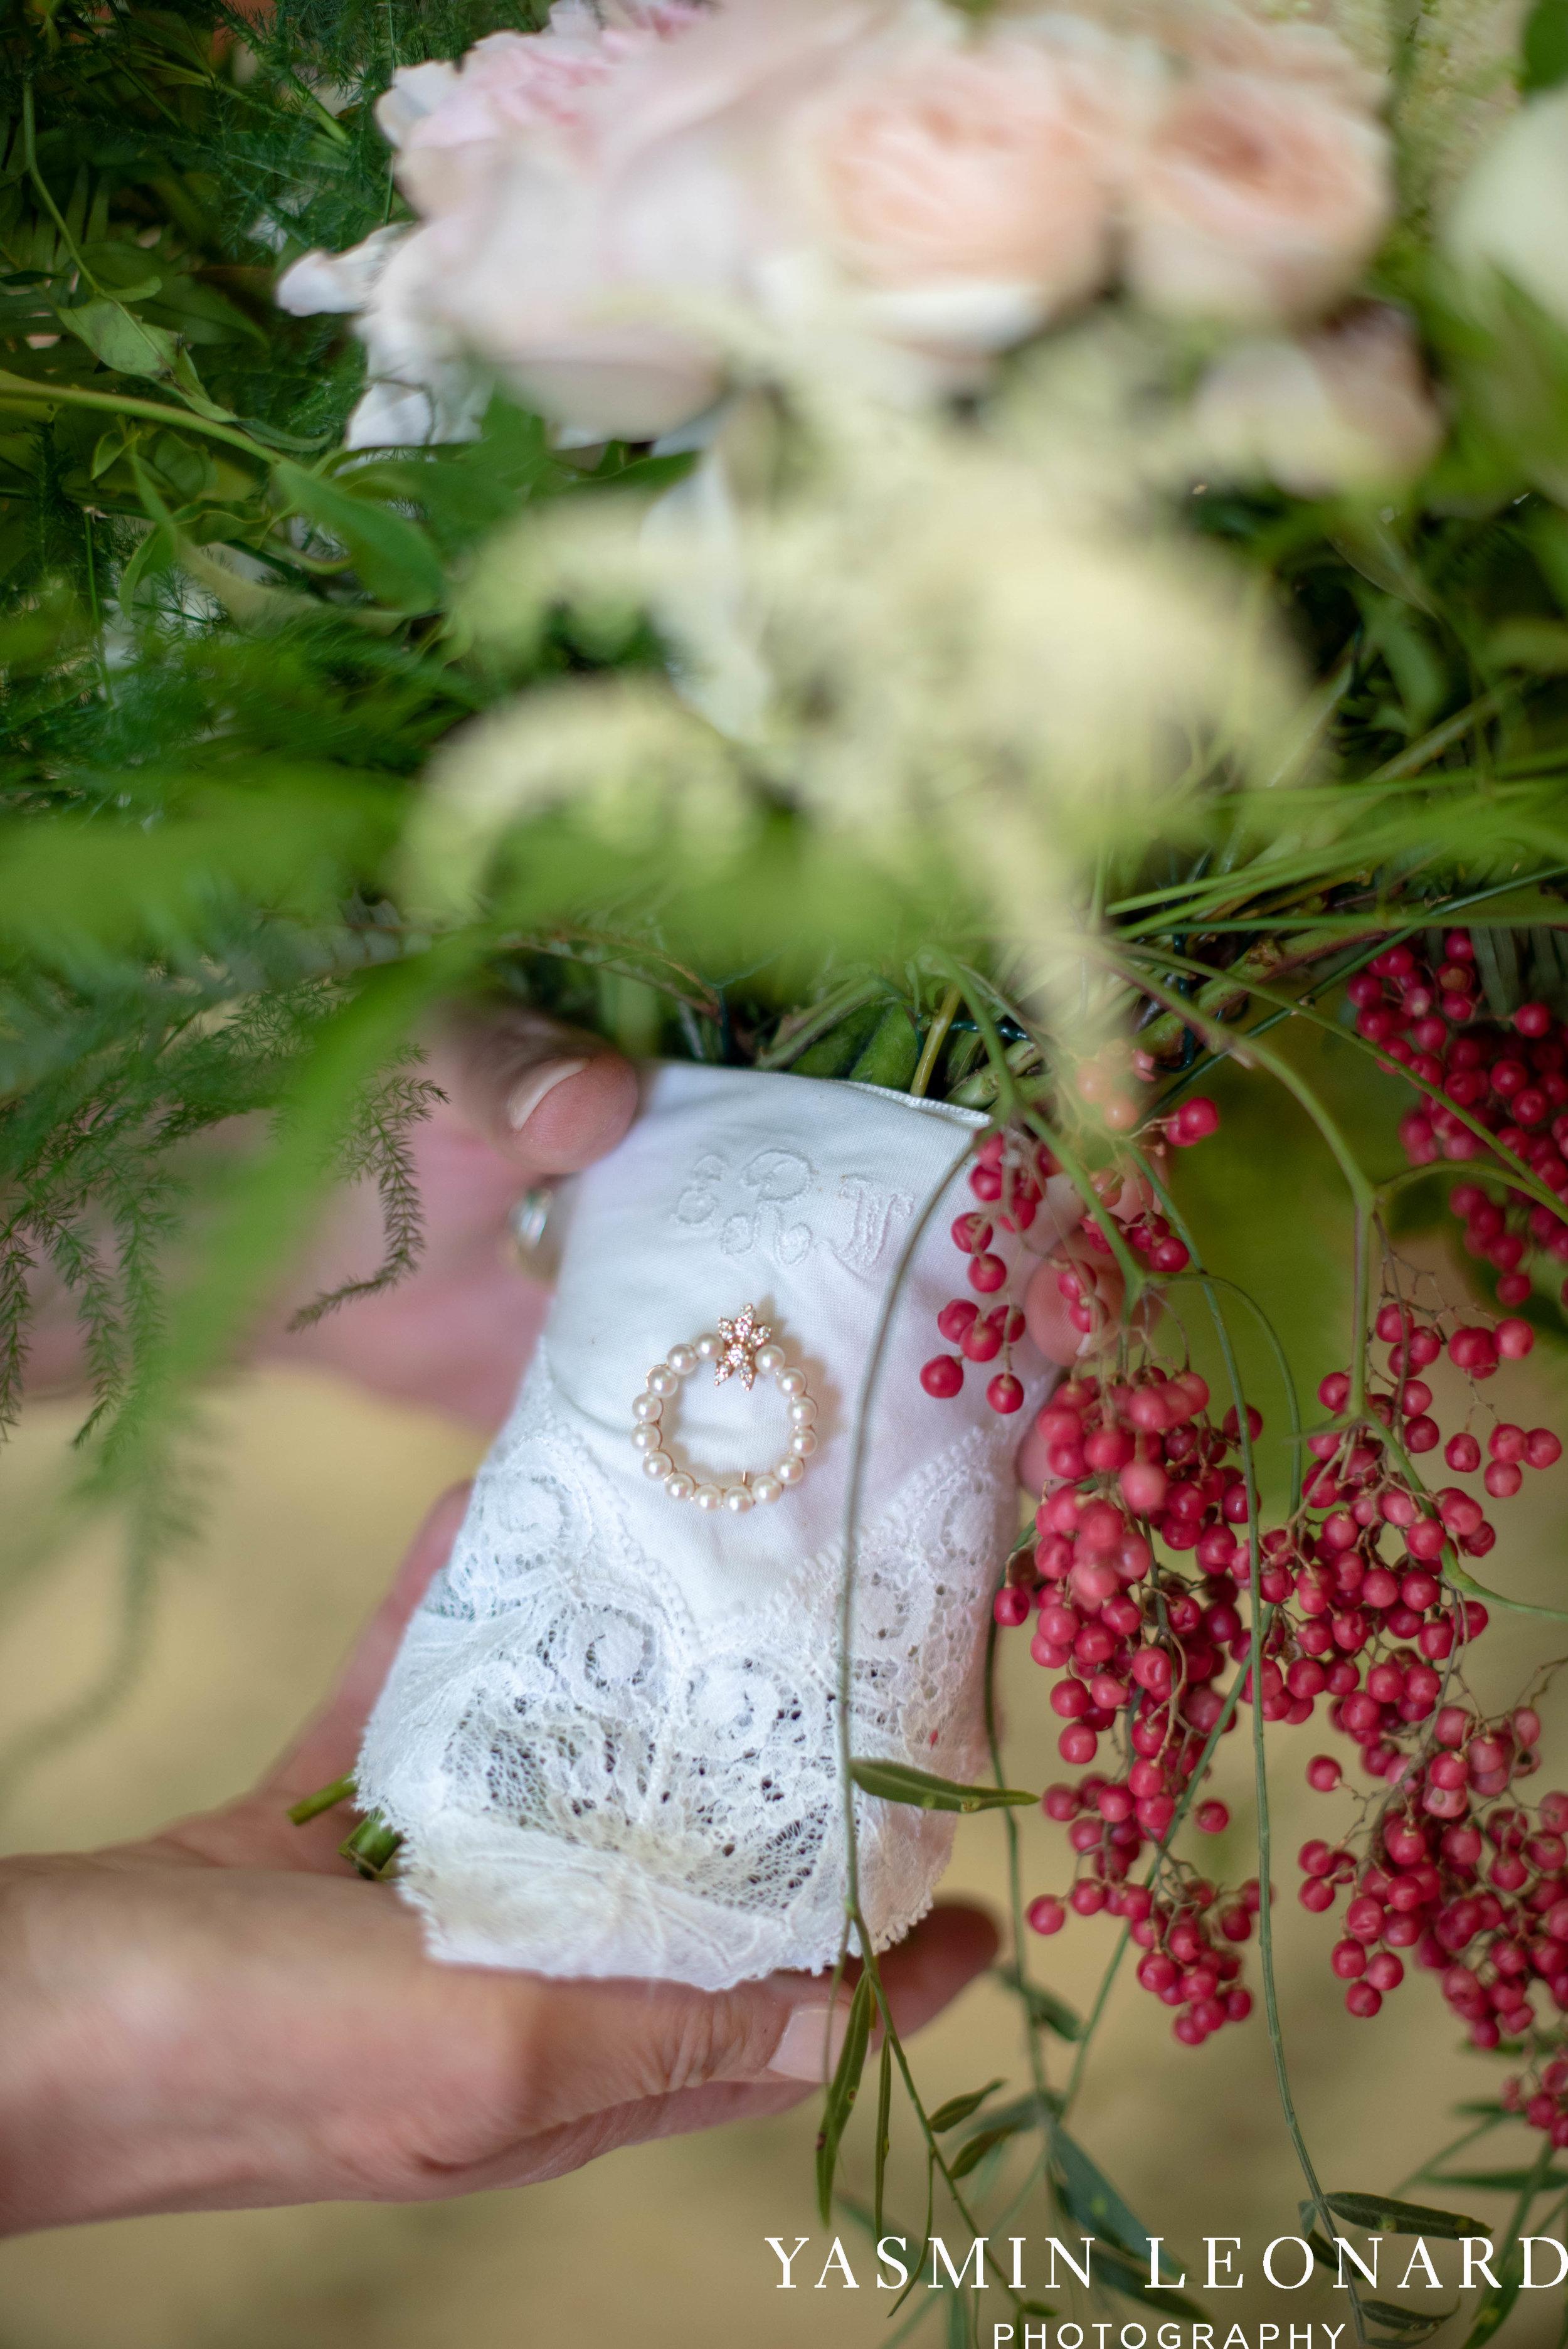 Wesley Memorial United Methodist Church - EmeryWood - High Point Weddings - High Point Wedding Photographer - NC Wedding Photographer - Yasmin Leonard Photography-7.jpg